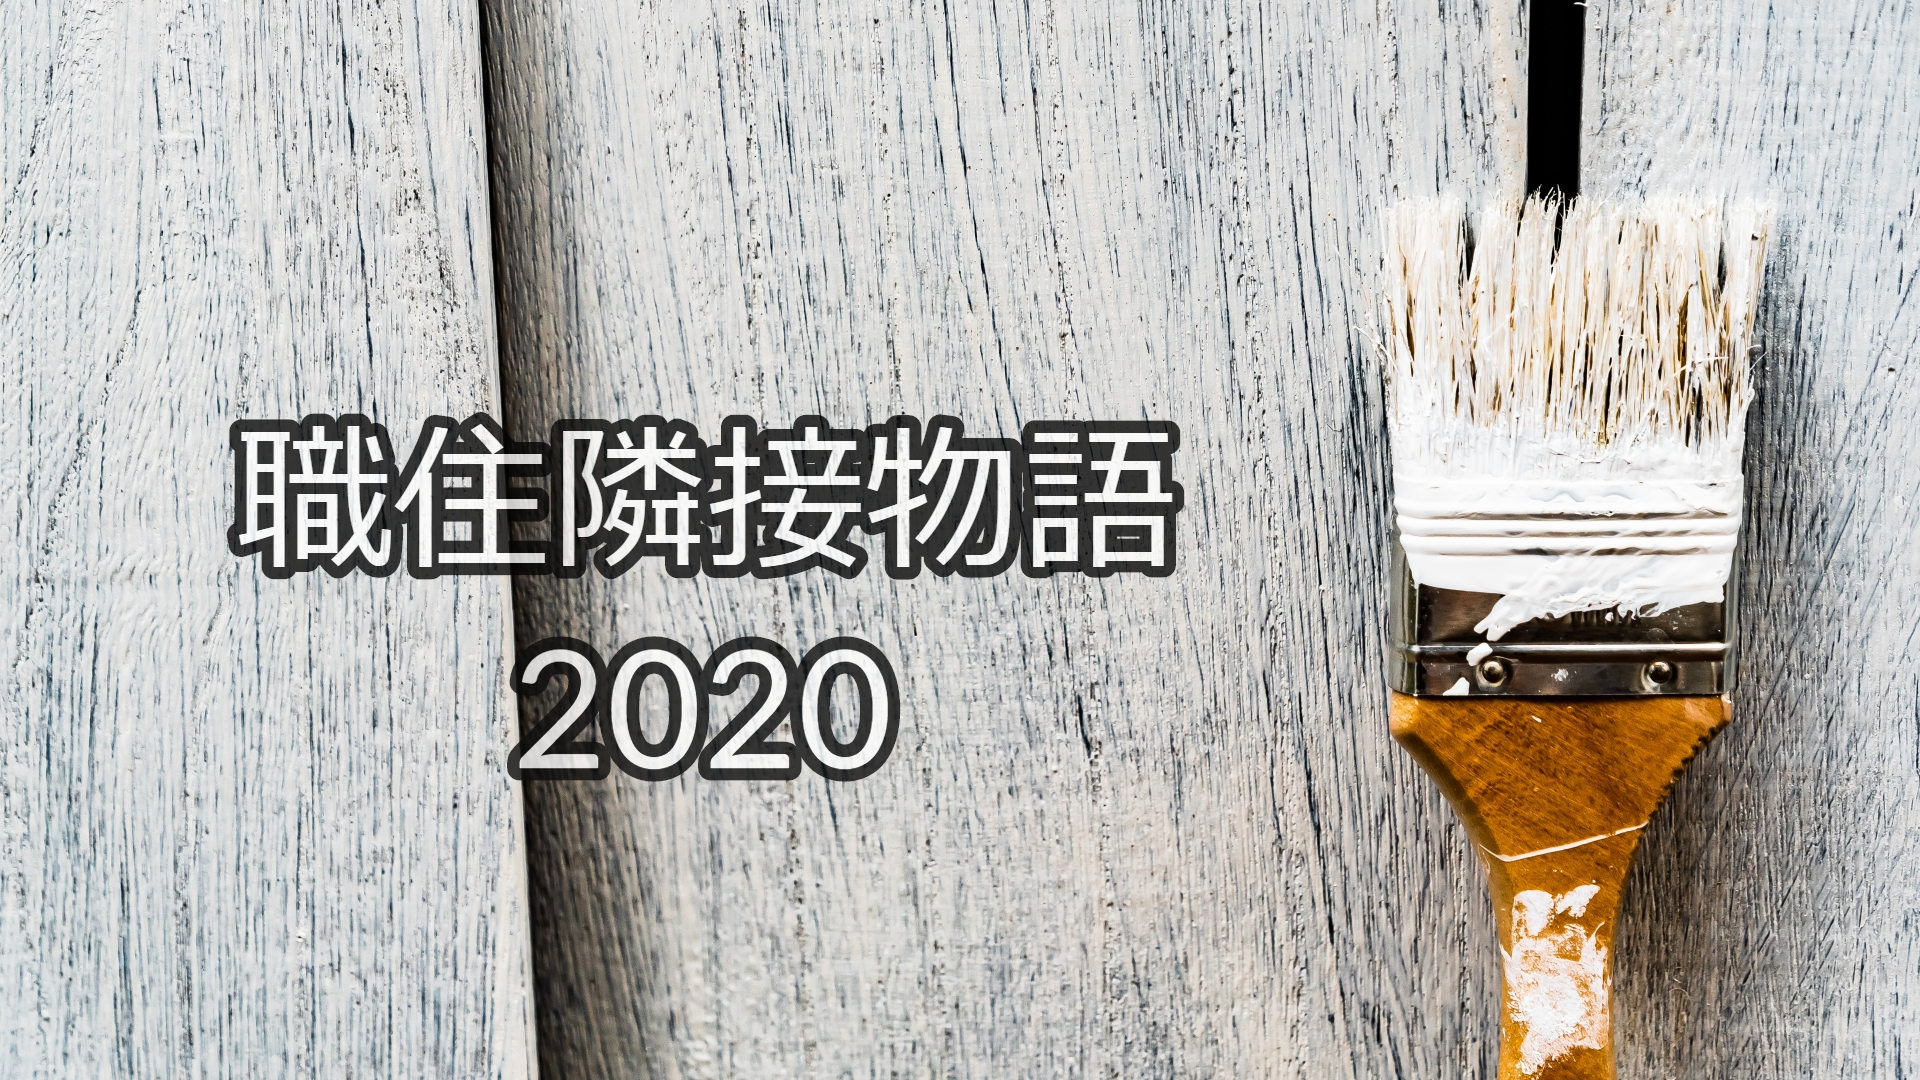 2020年も職住隣接はつづく|職住隣接物語 ngsw.net